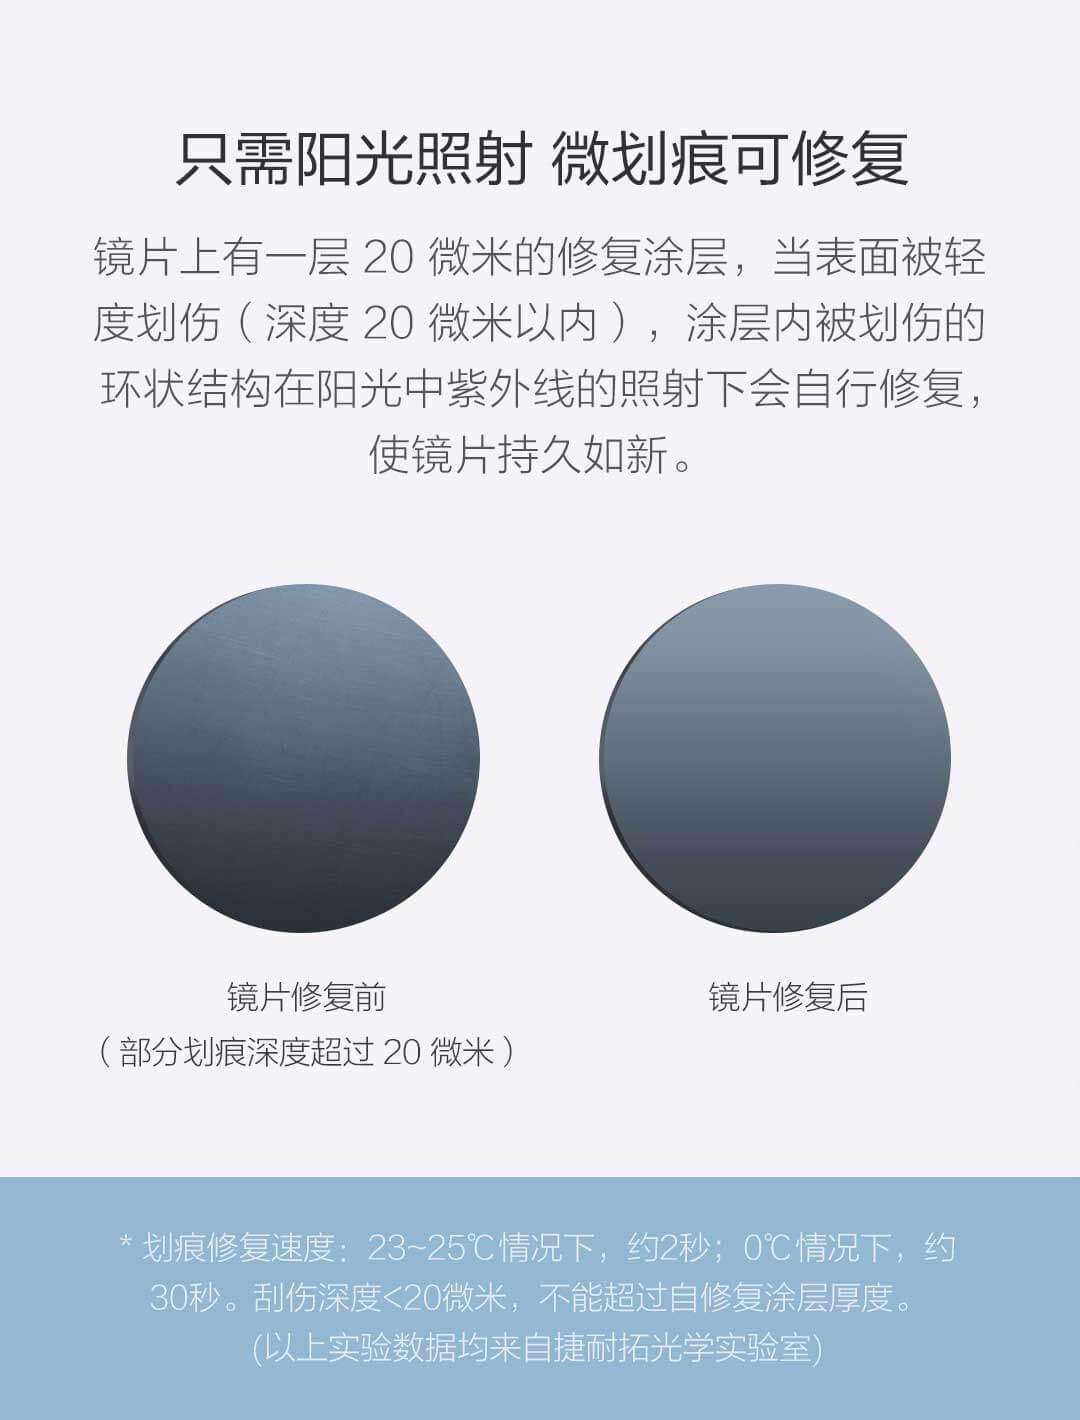 عینک آفتابی شیائومی Xiaomi TS SM005 Turok SteinHardt Polarized Sunglasses